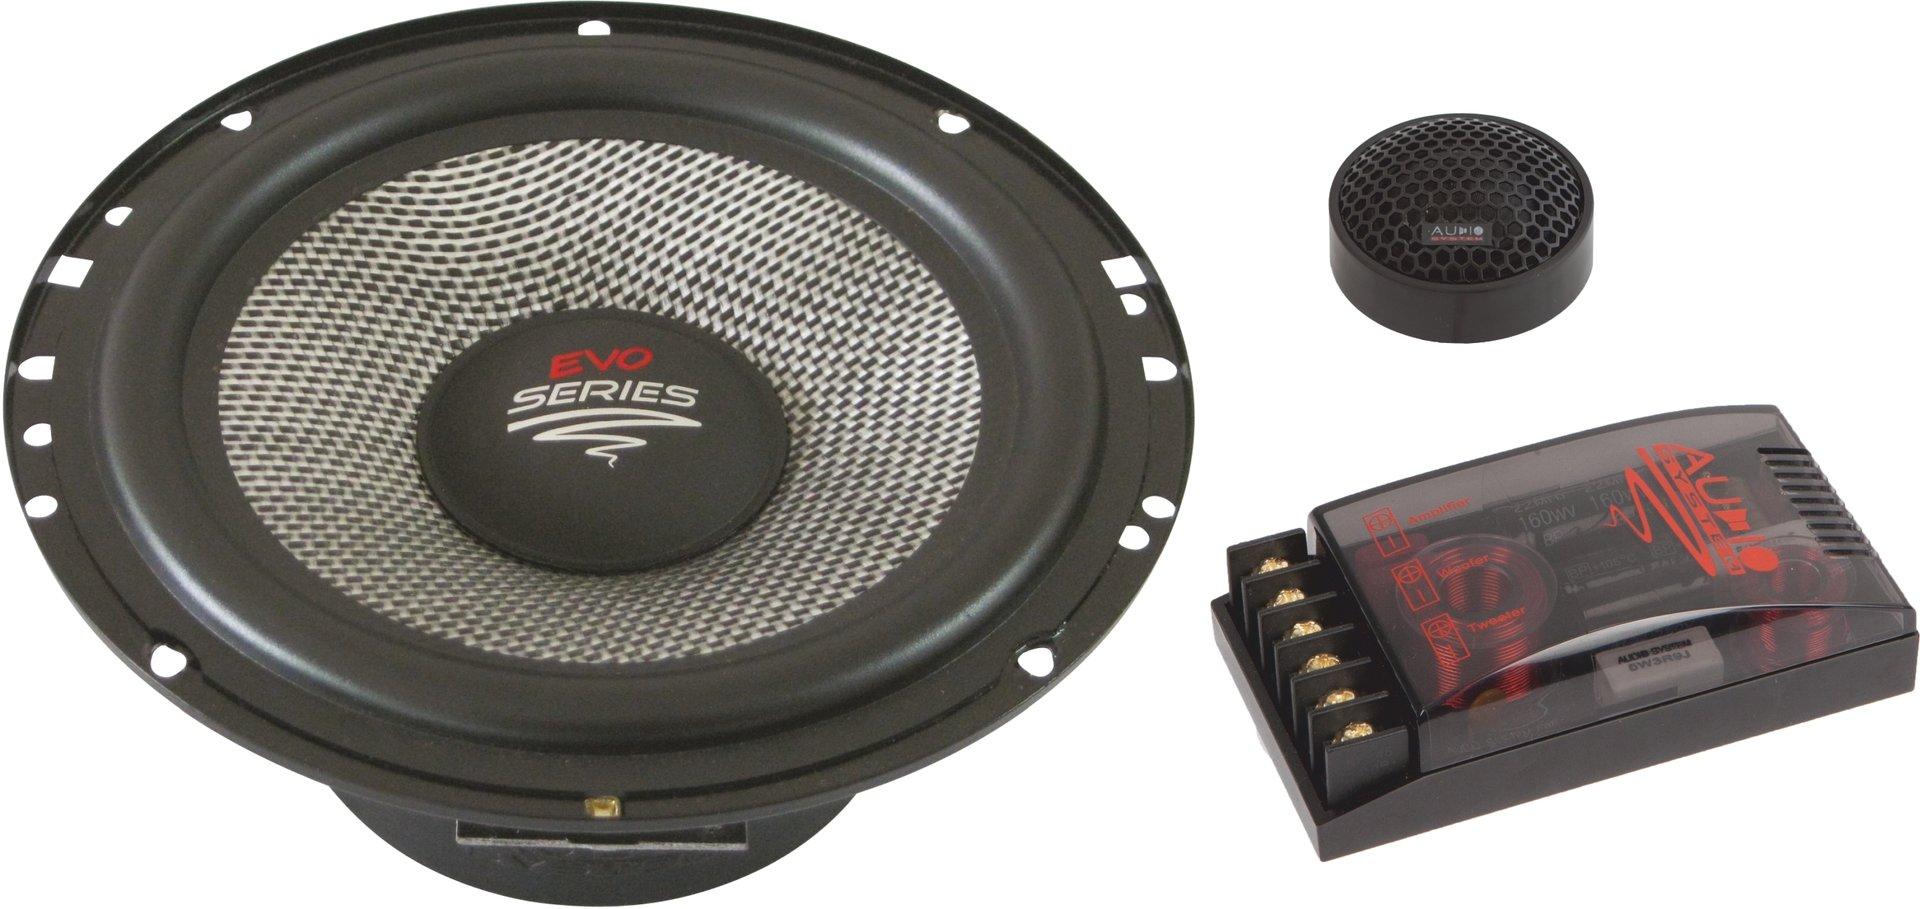 Car Audio System >> Audio System R 165 Evo